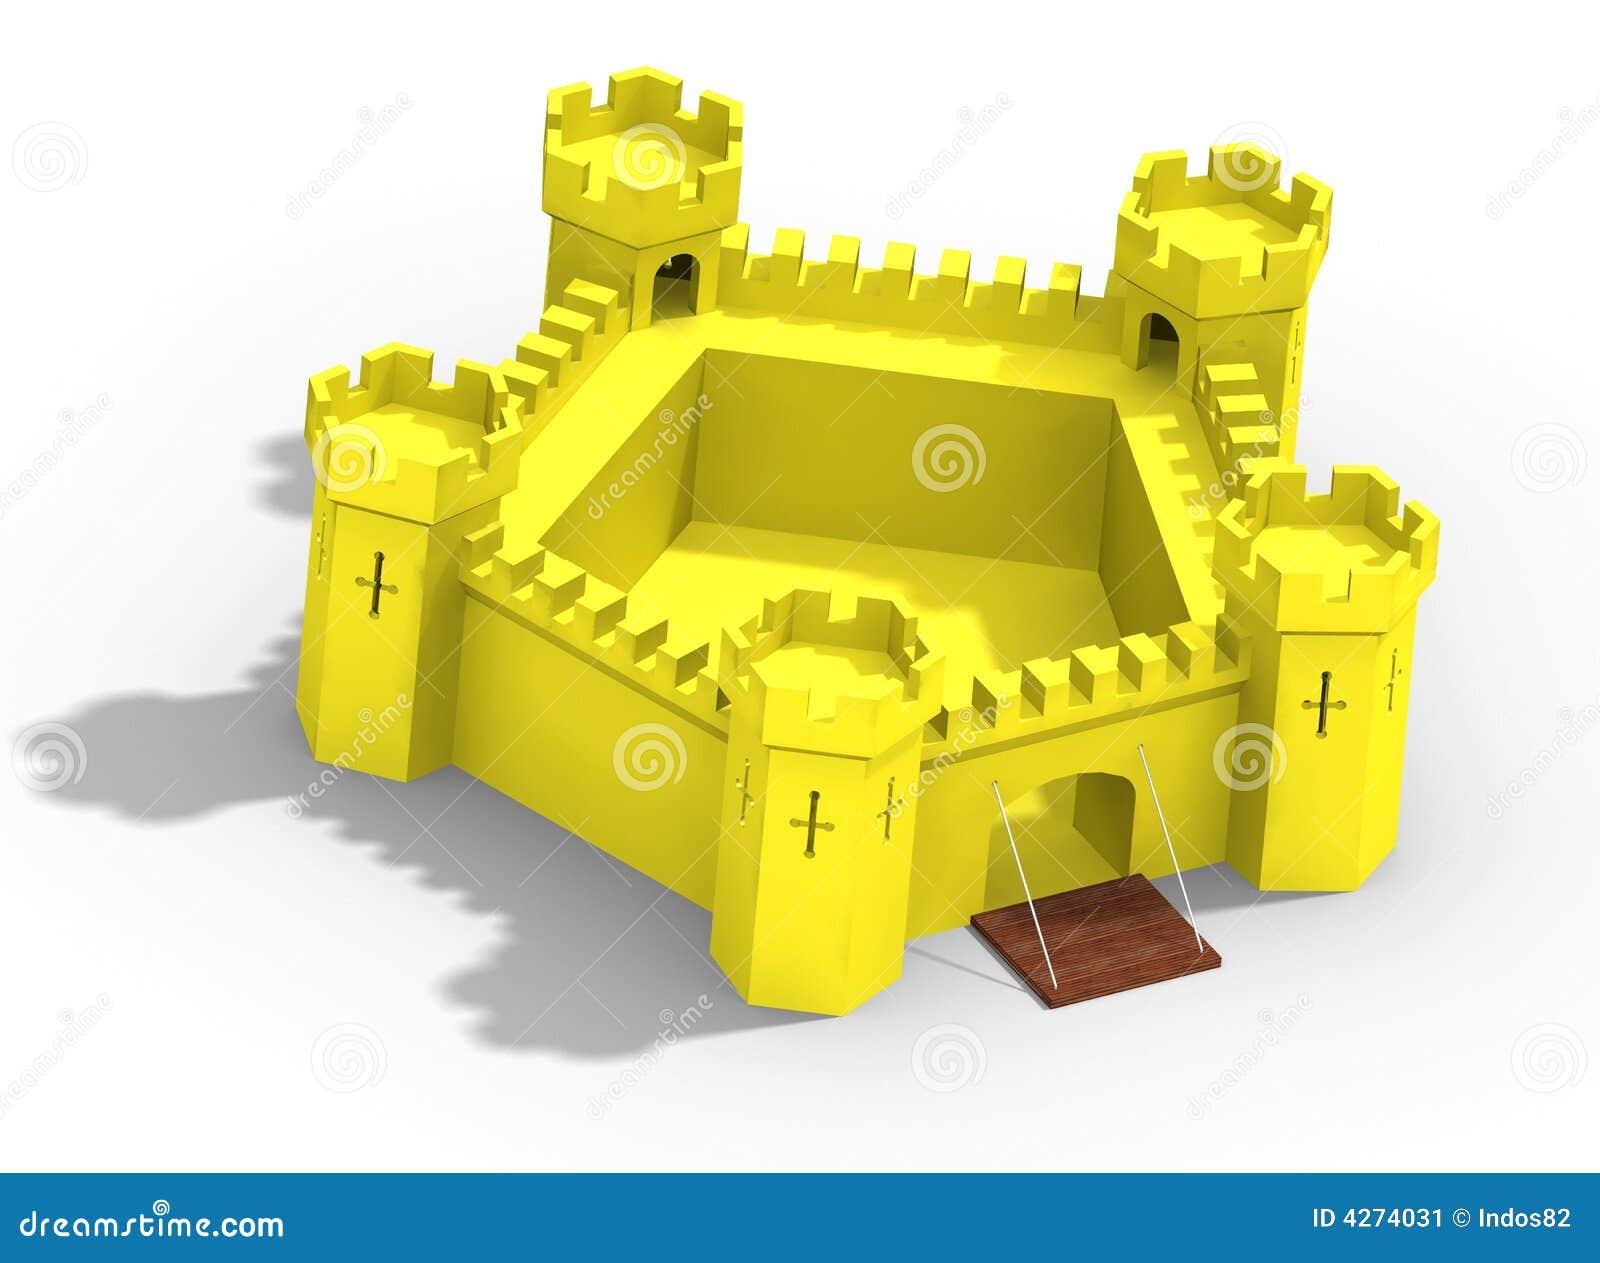 Μοντέλο του κίτρινου κάστρου